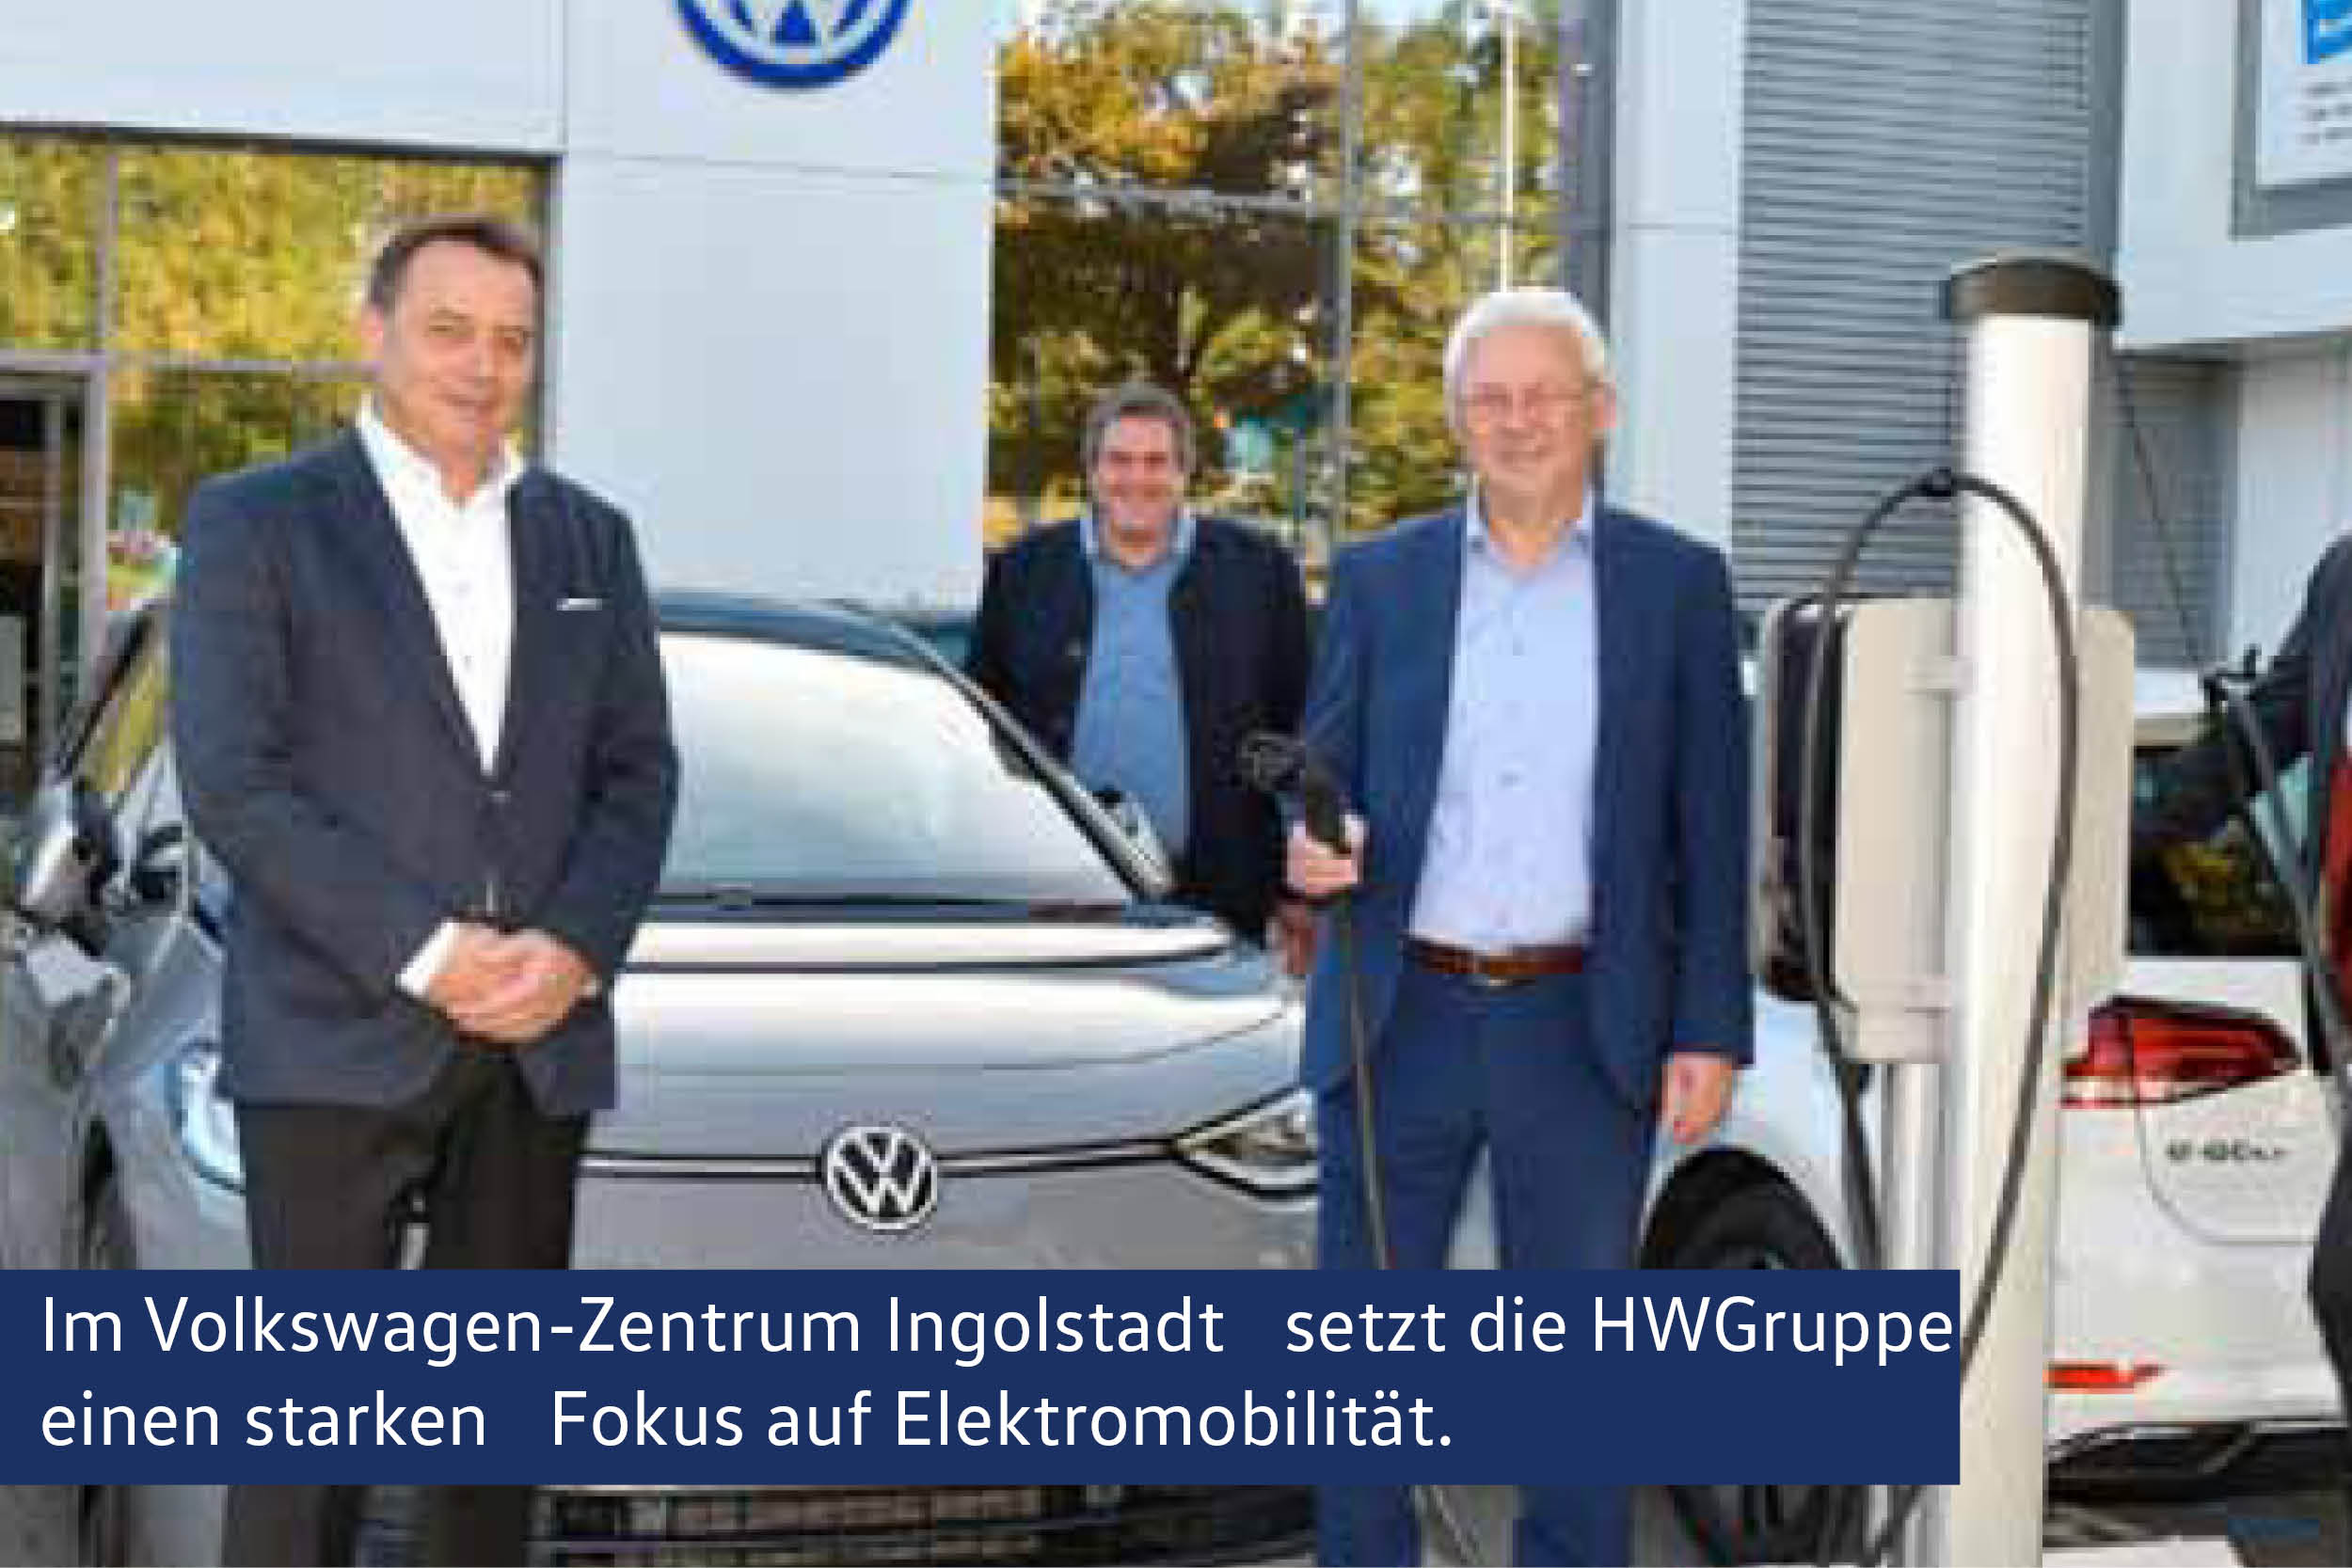 Die HWGruppe setzt einen starten Fokus auf Elektromobilität.